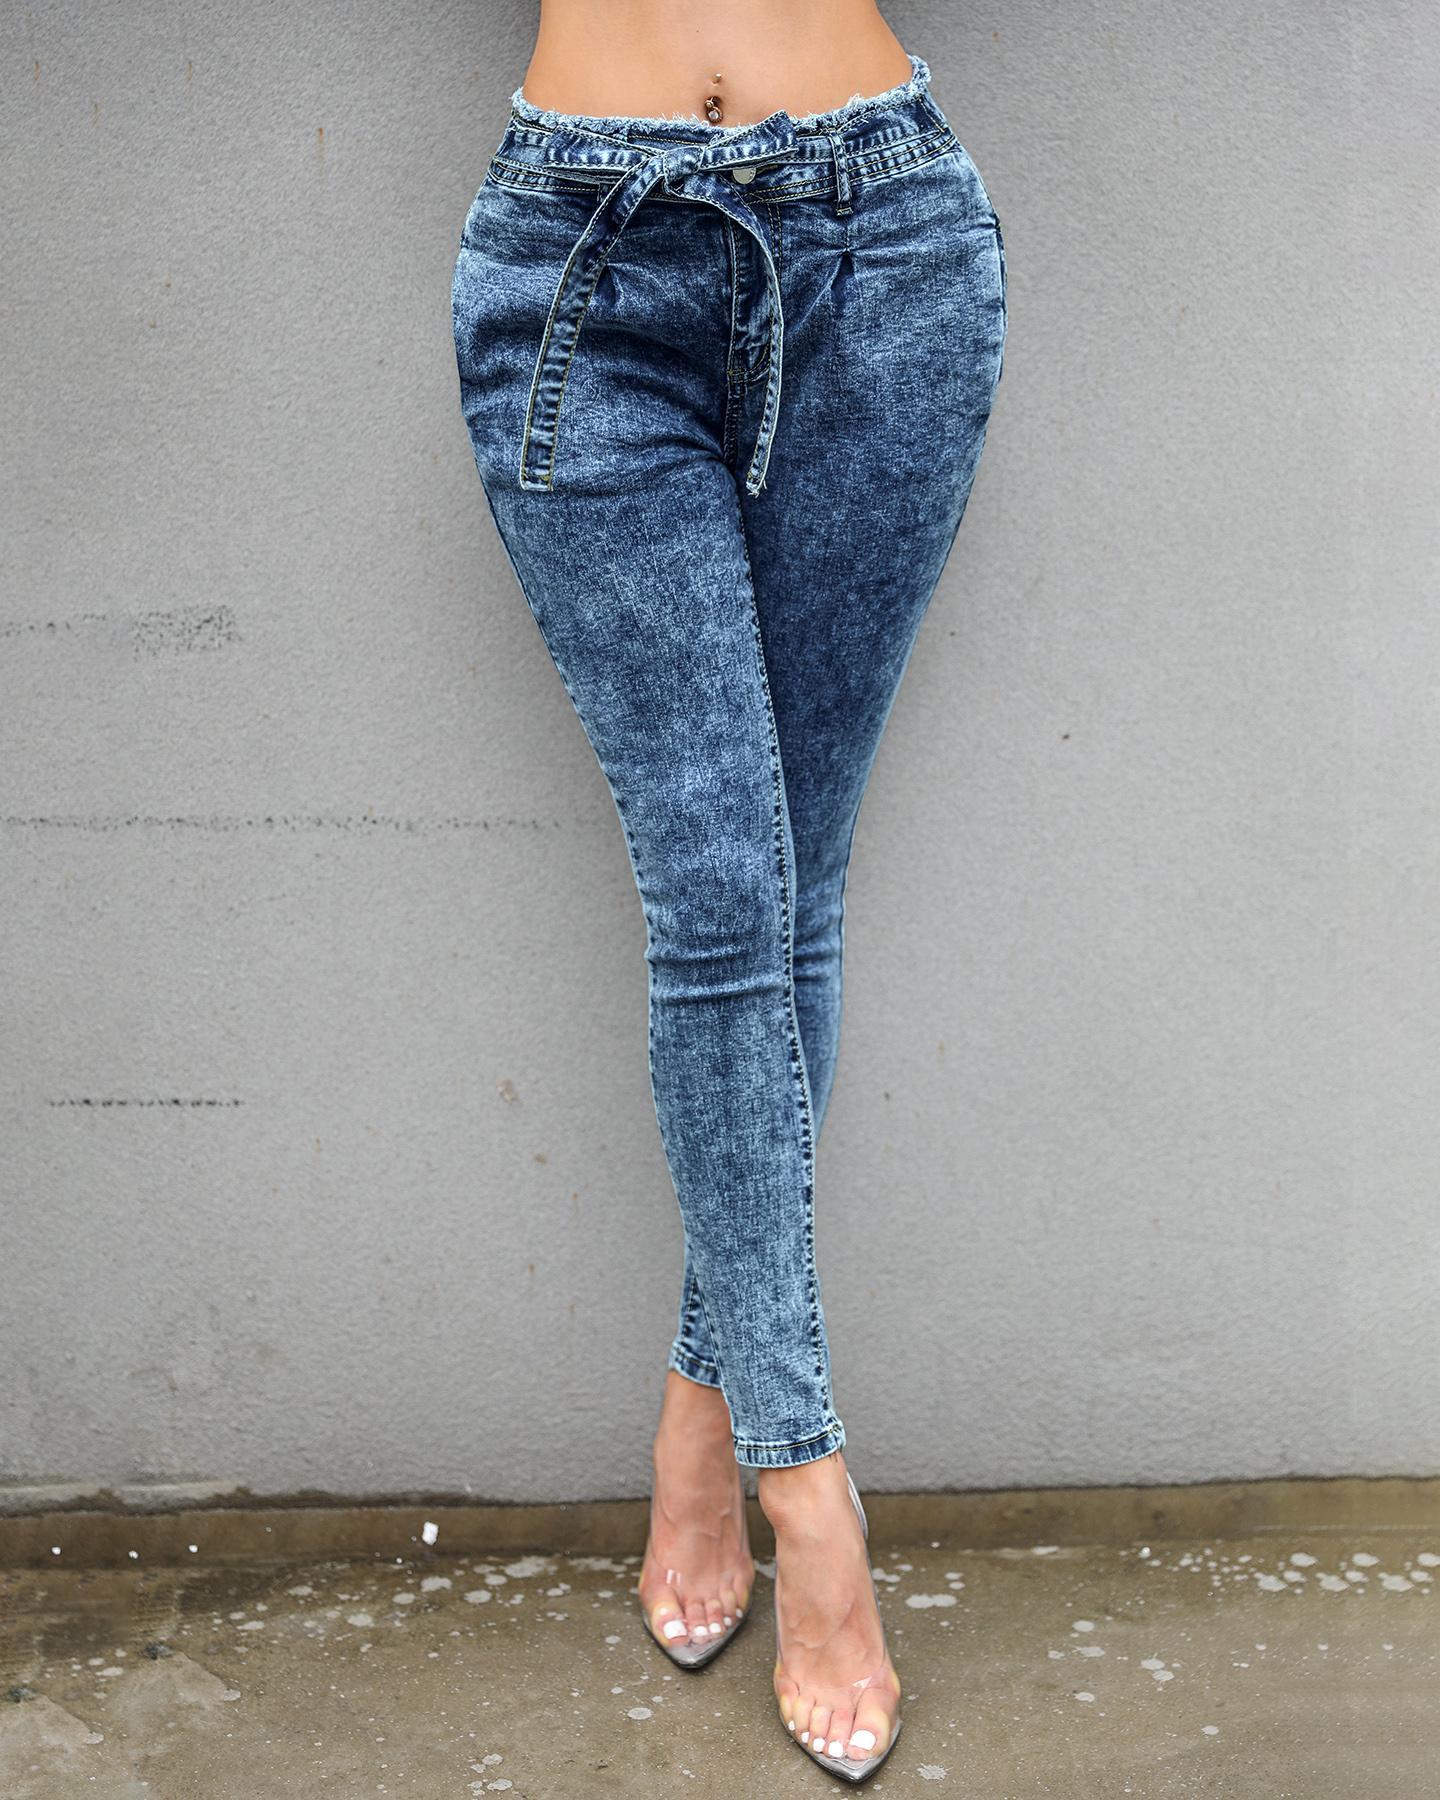 ivrose / Pantalones de mezclilla con dobladillo con flecos en la cintura Paperbag